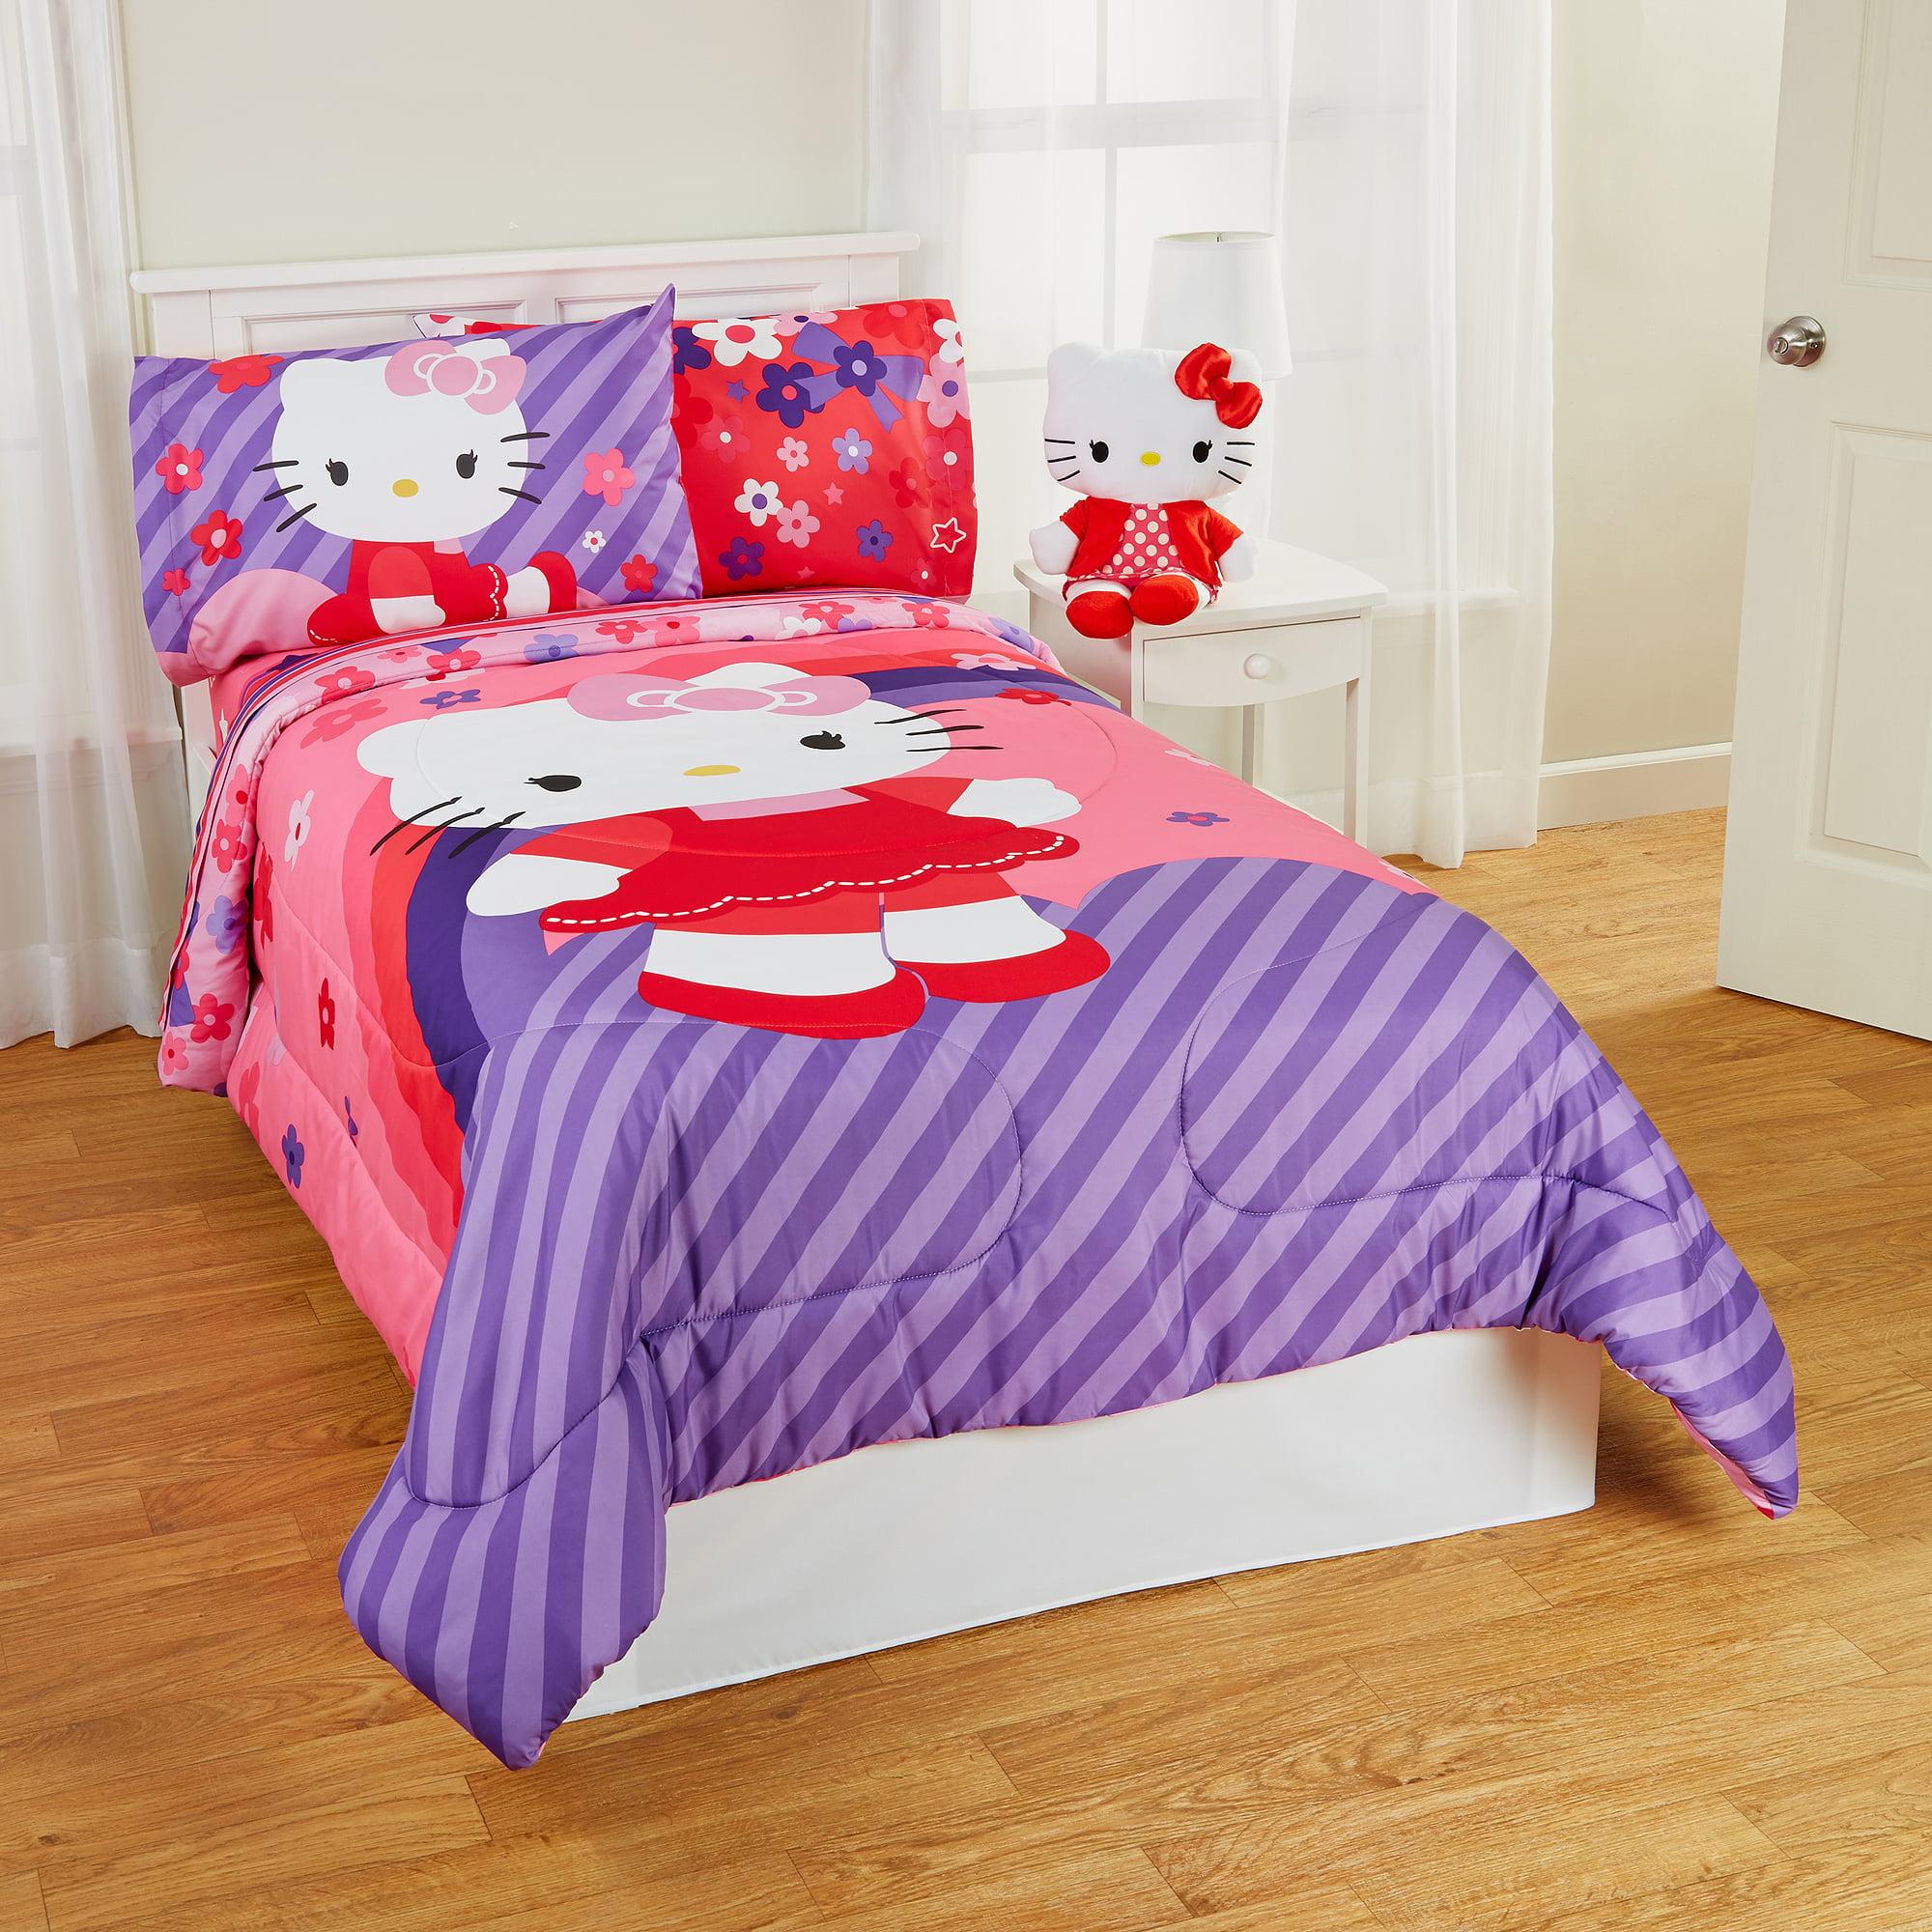 Hello kitty bed set walmart - Hello Kitty Bed Set Walmart 1